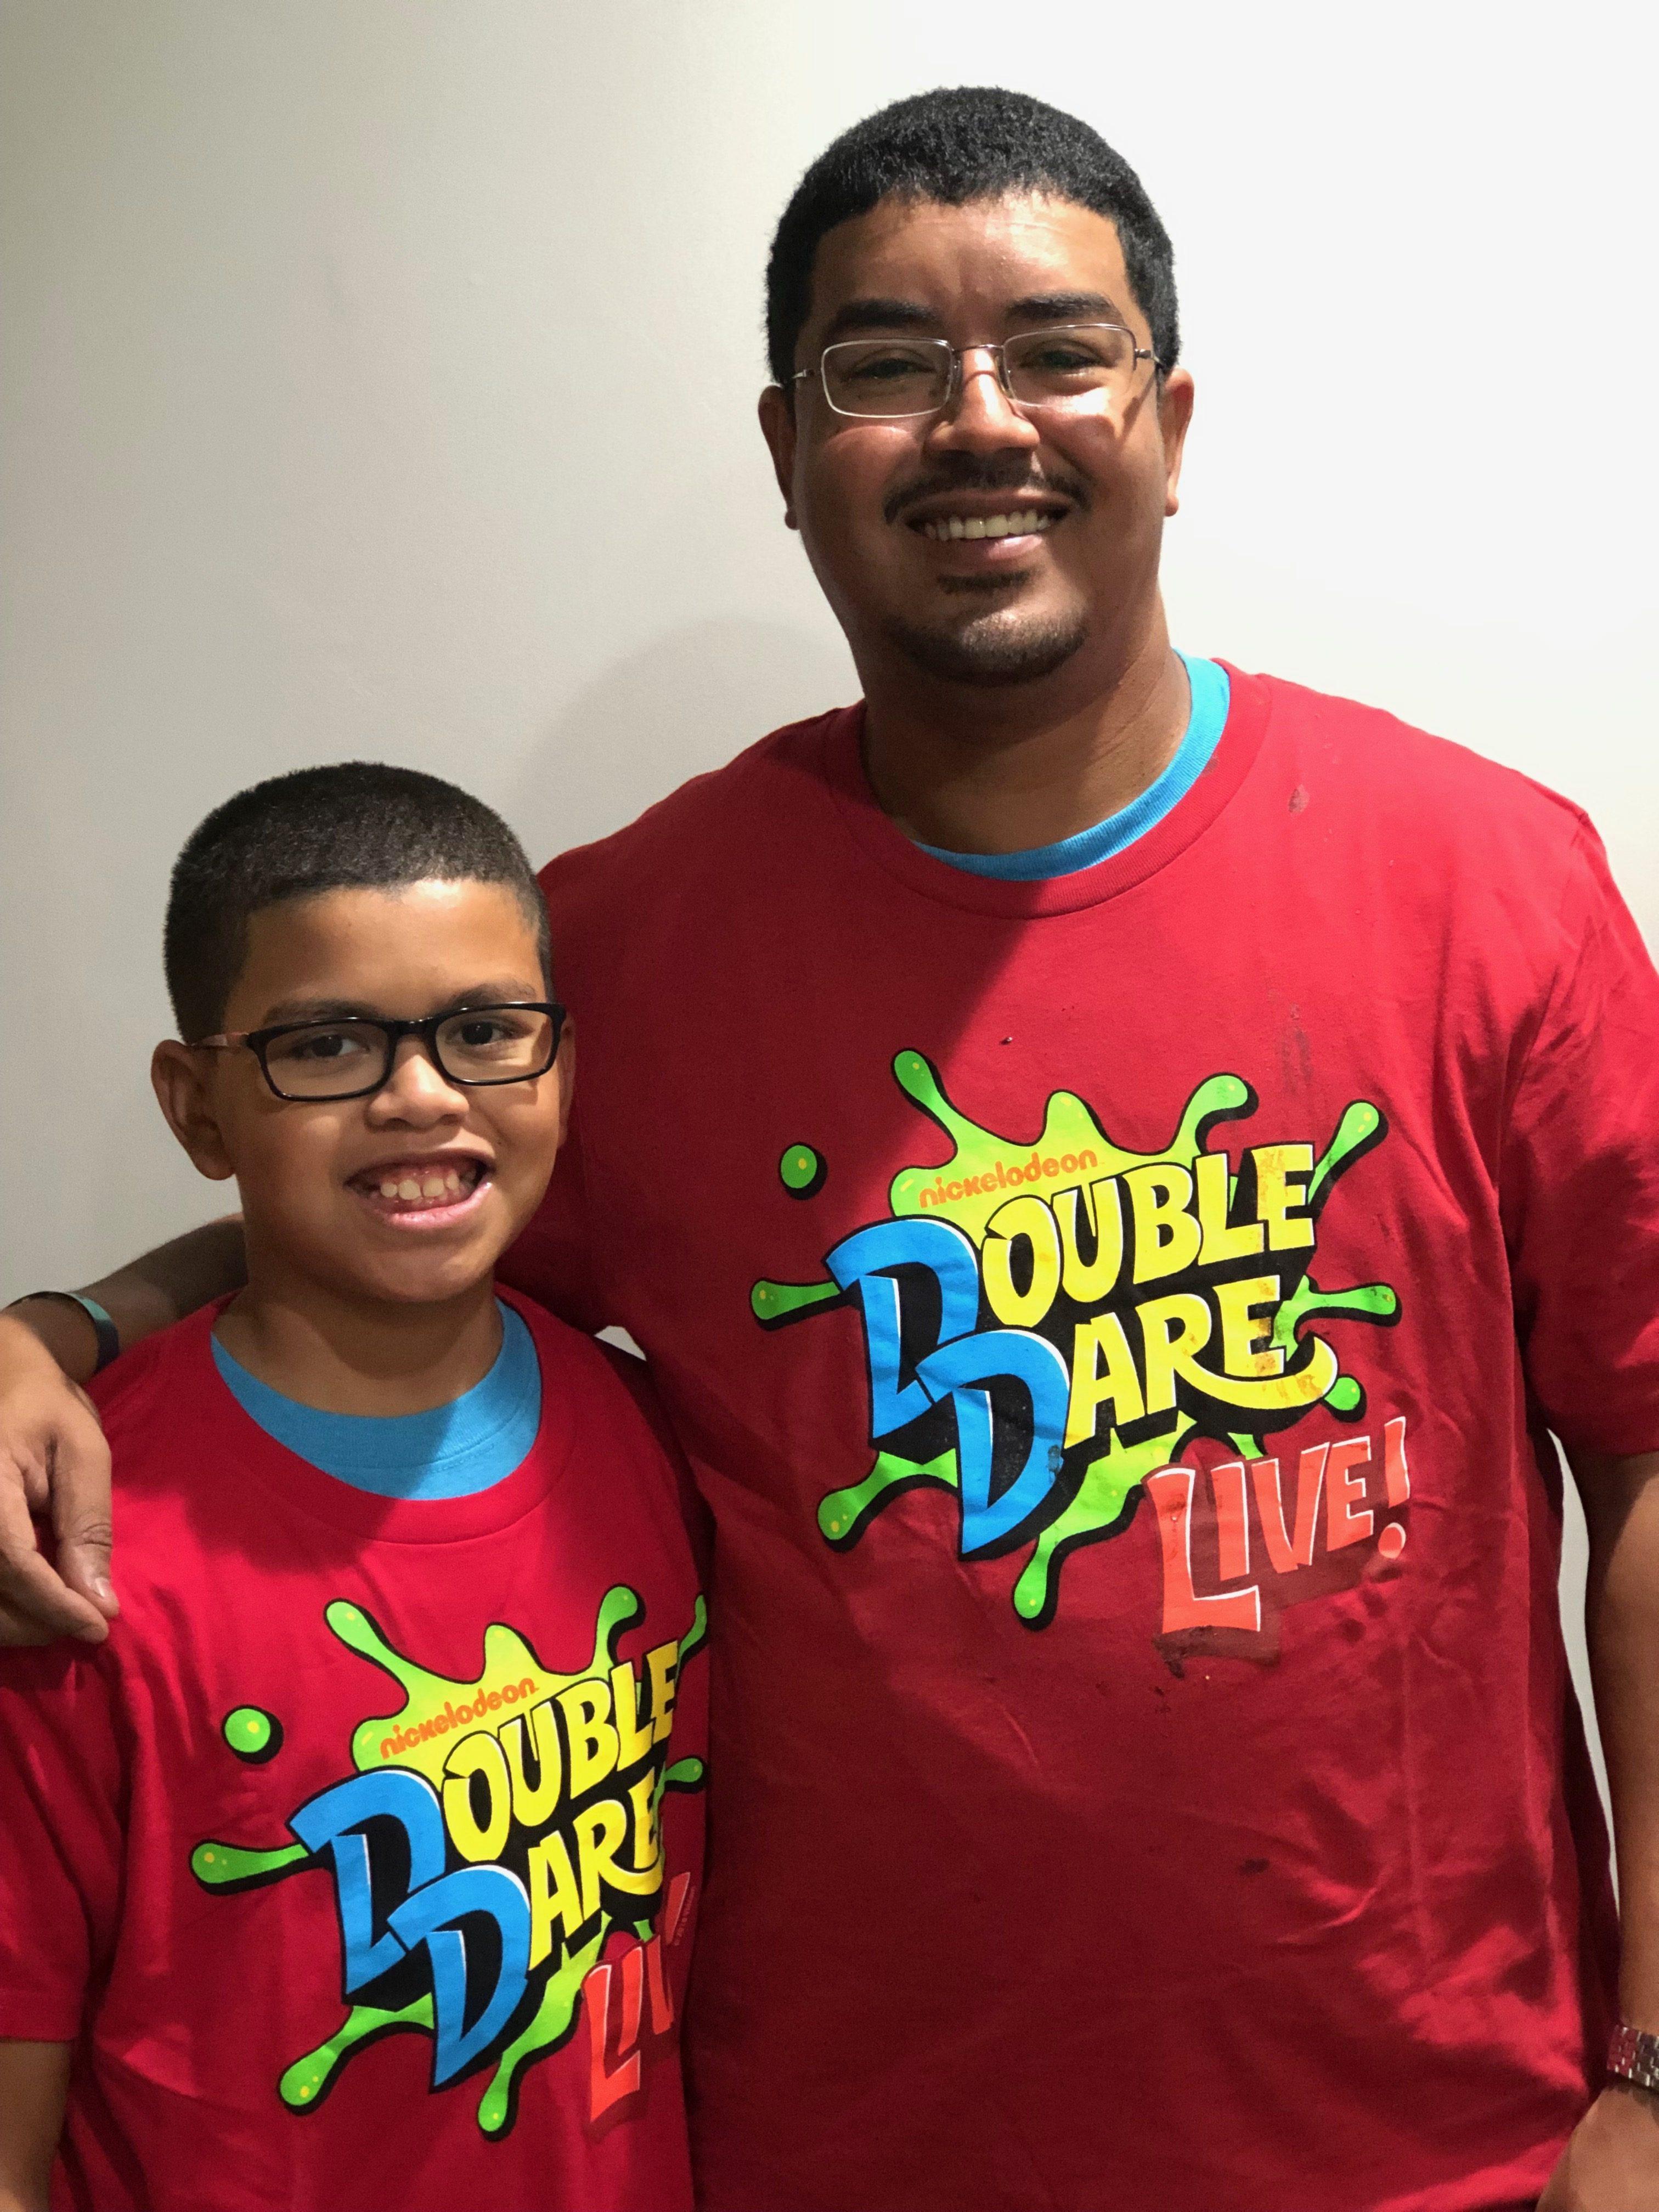 #DoubleDareLive #FatherhoodIsLit